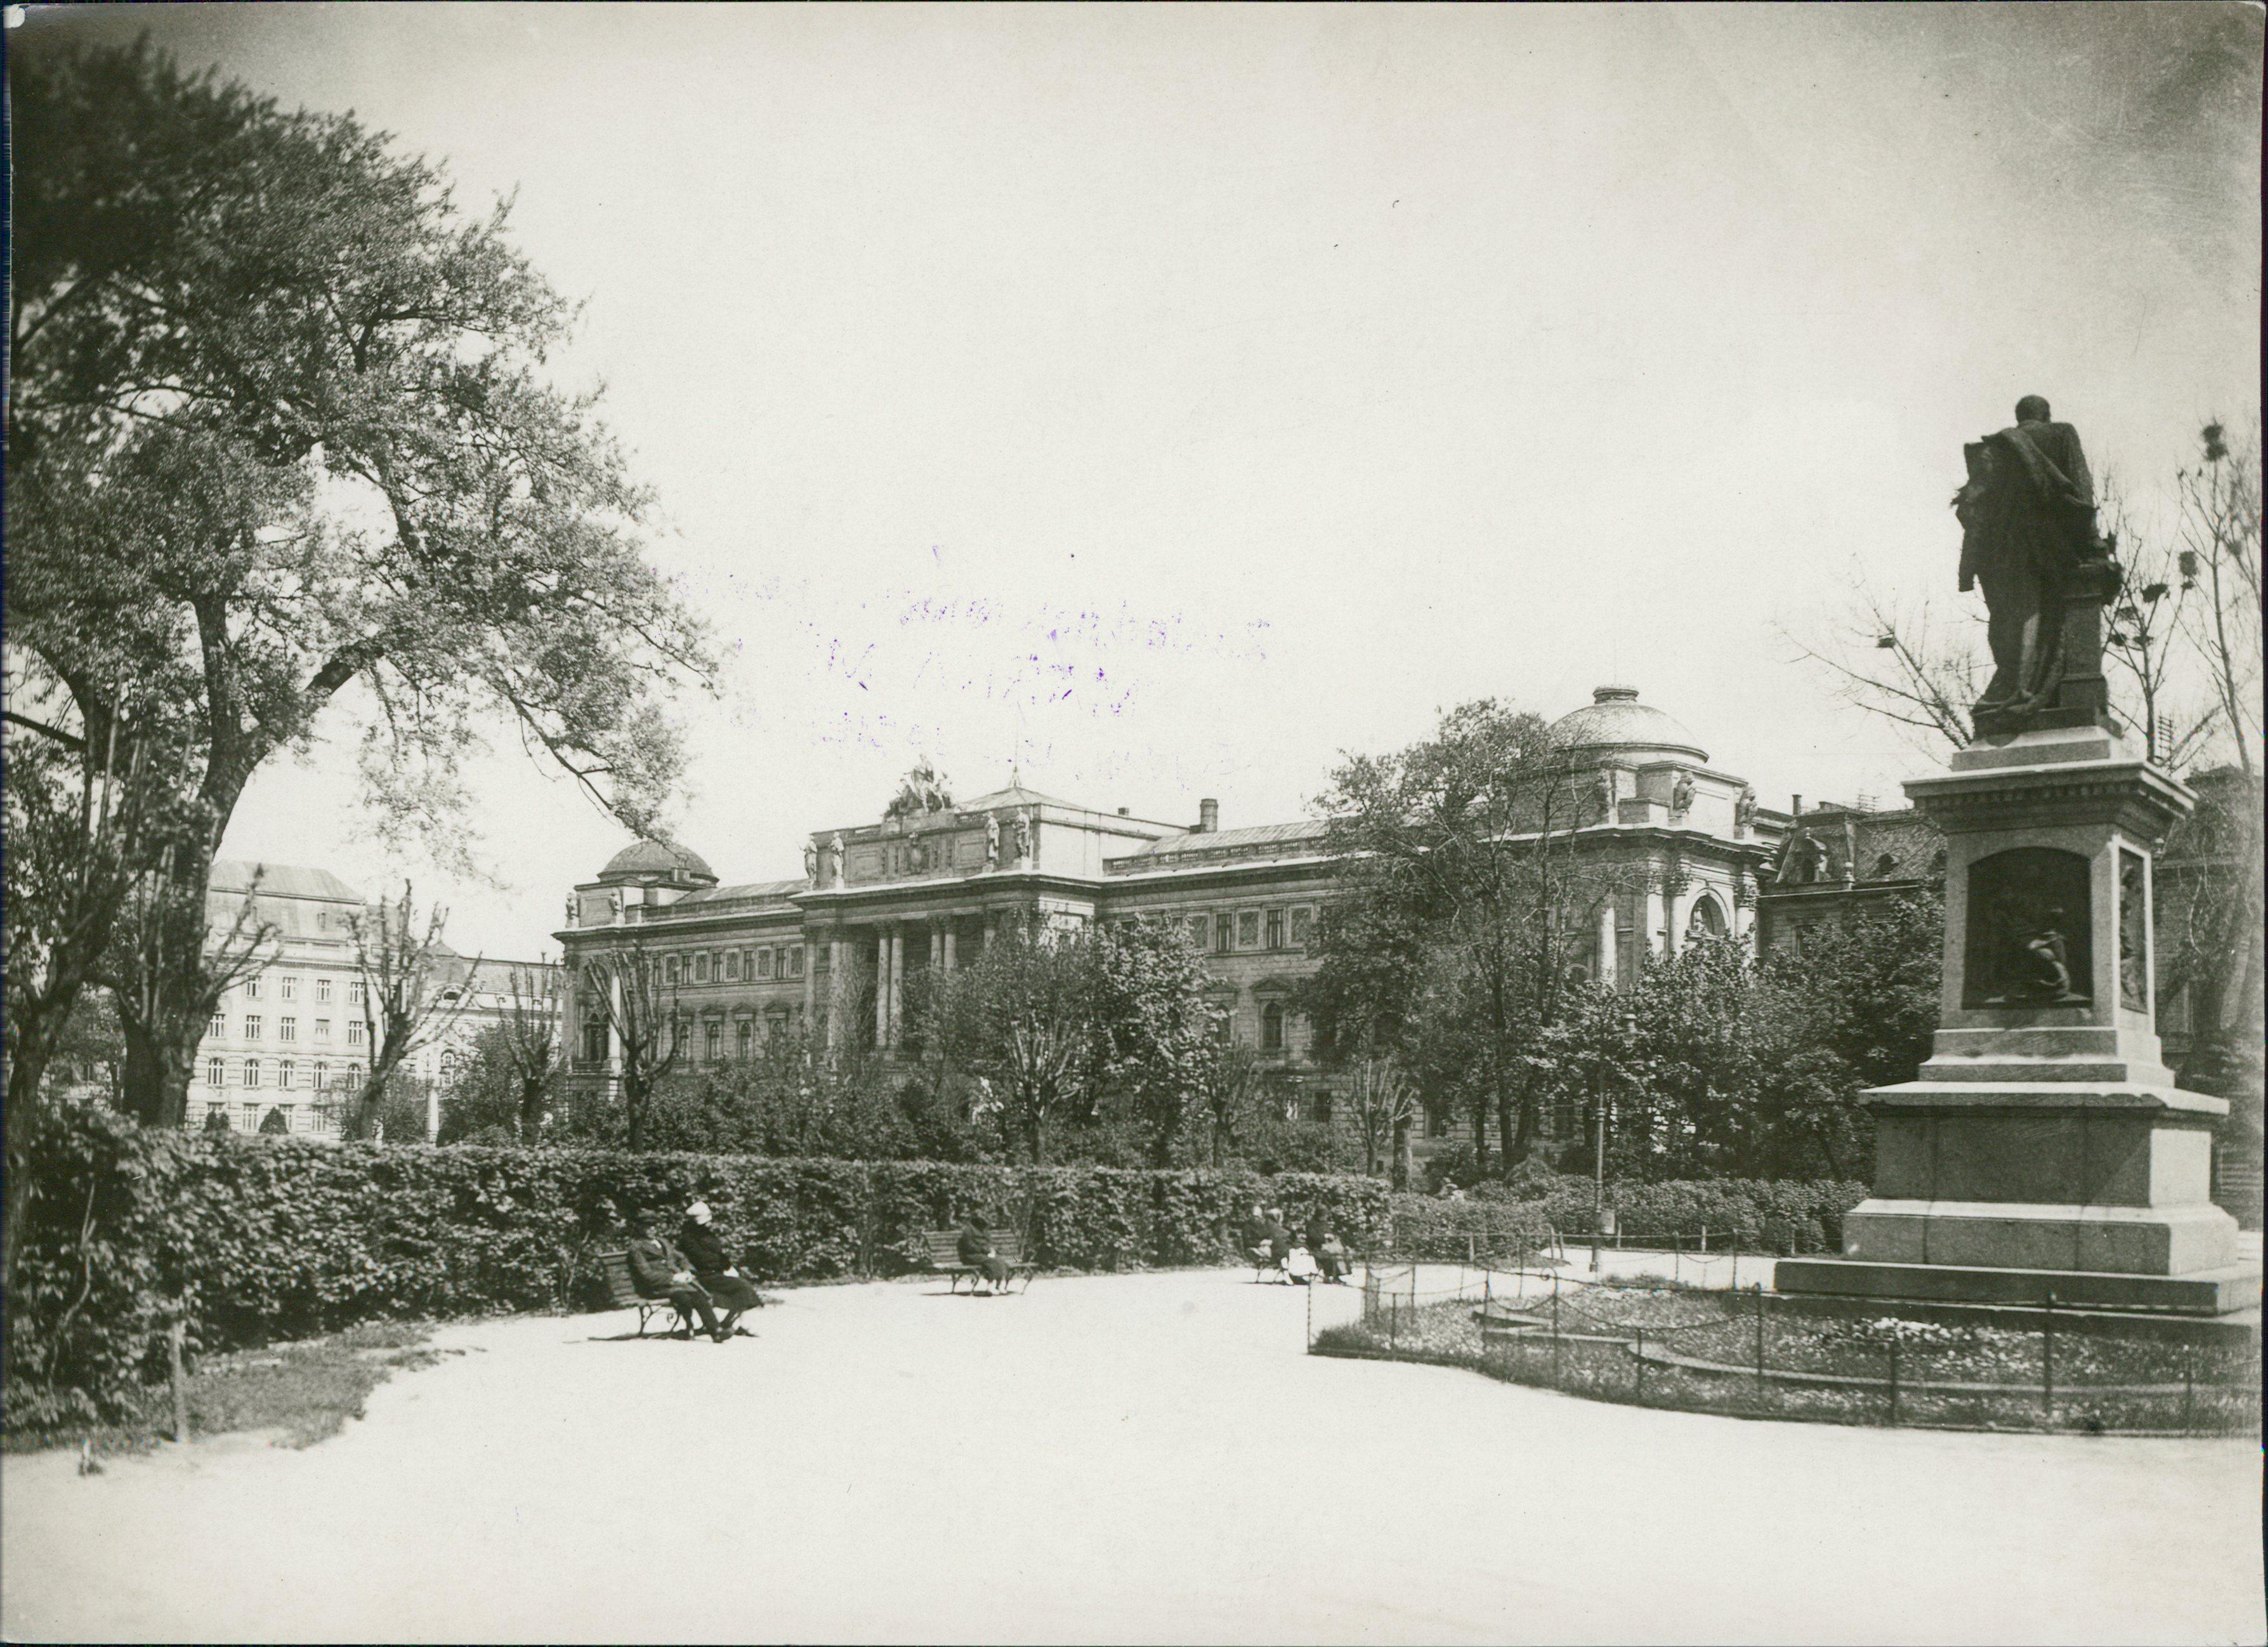 Будинок Галицького сейму. Поруч пам'ятник Аґенору Ґолуховському, одному з намісників Галичини.